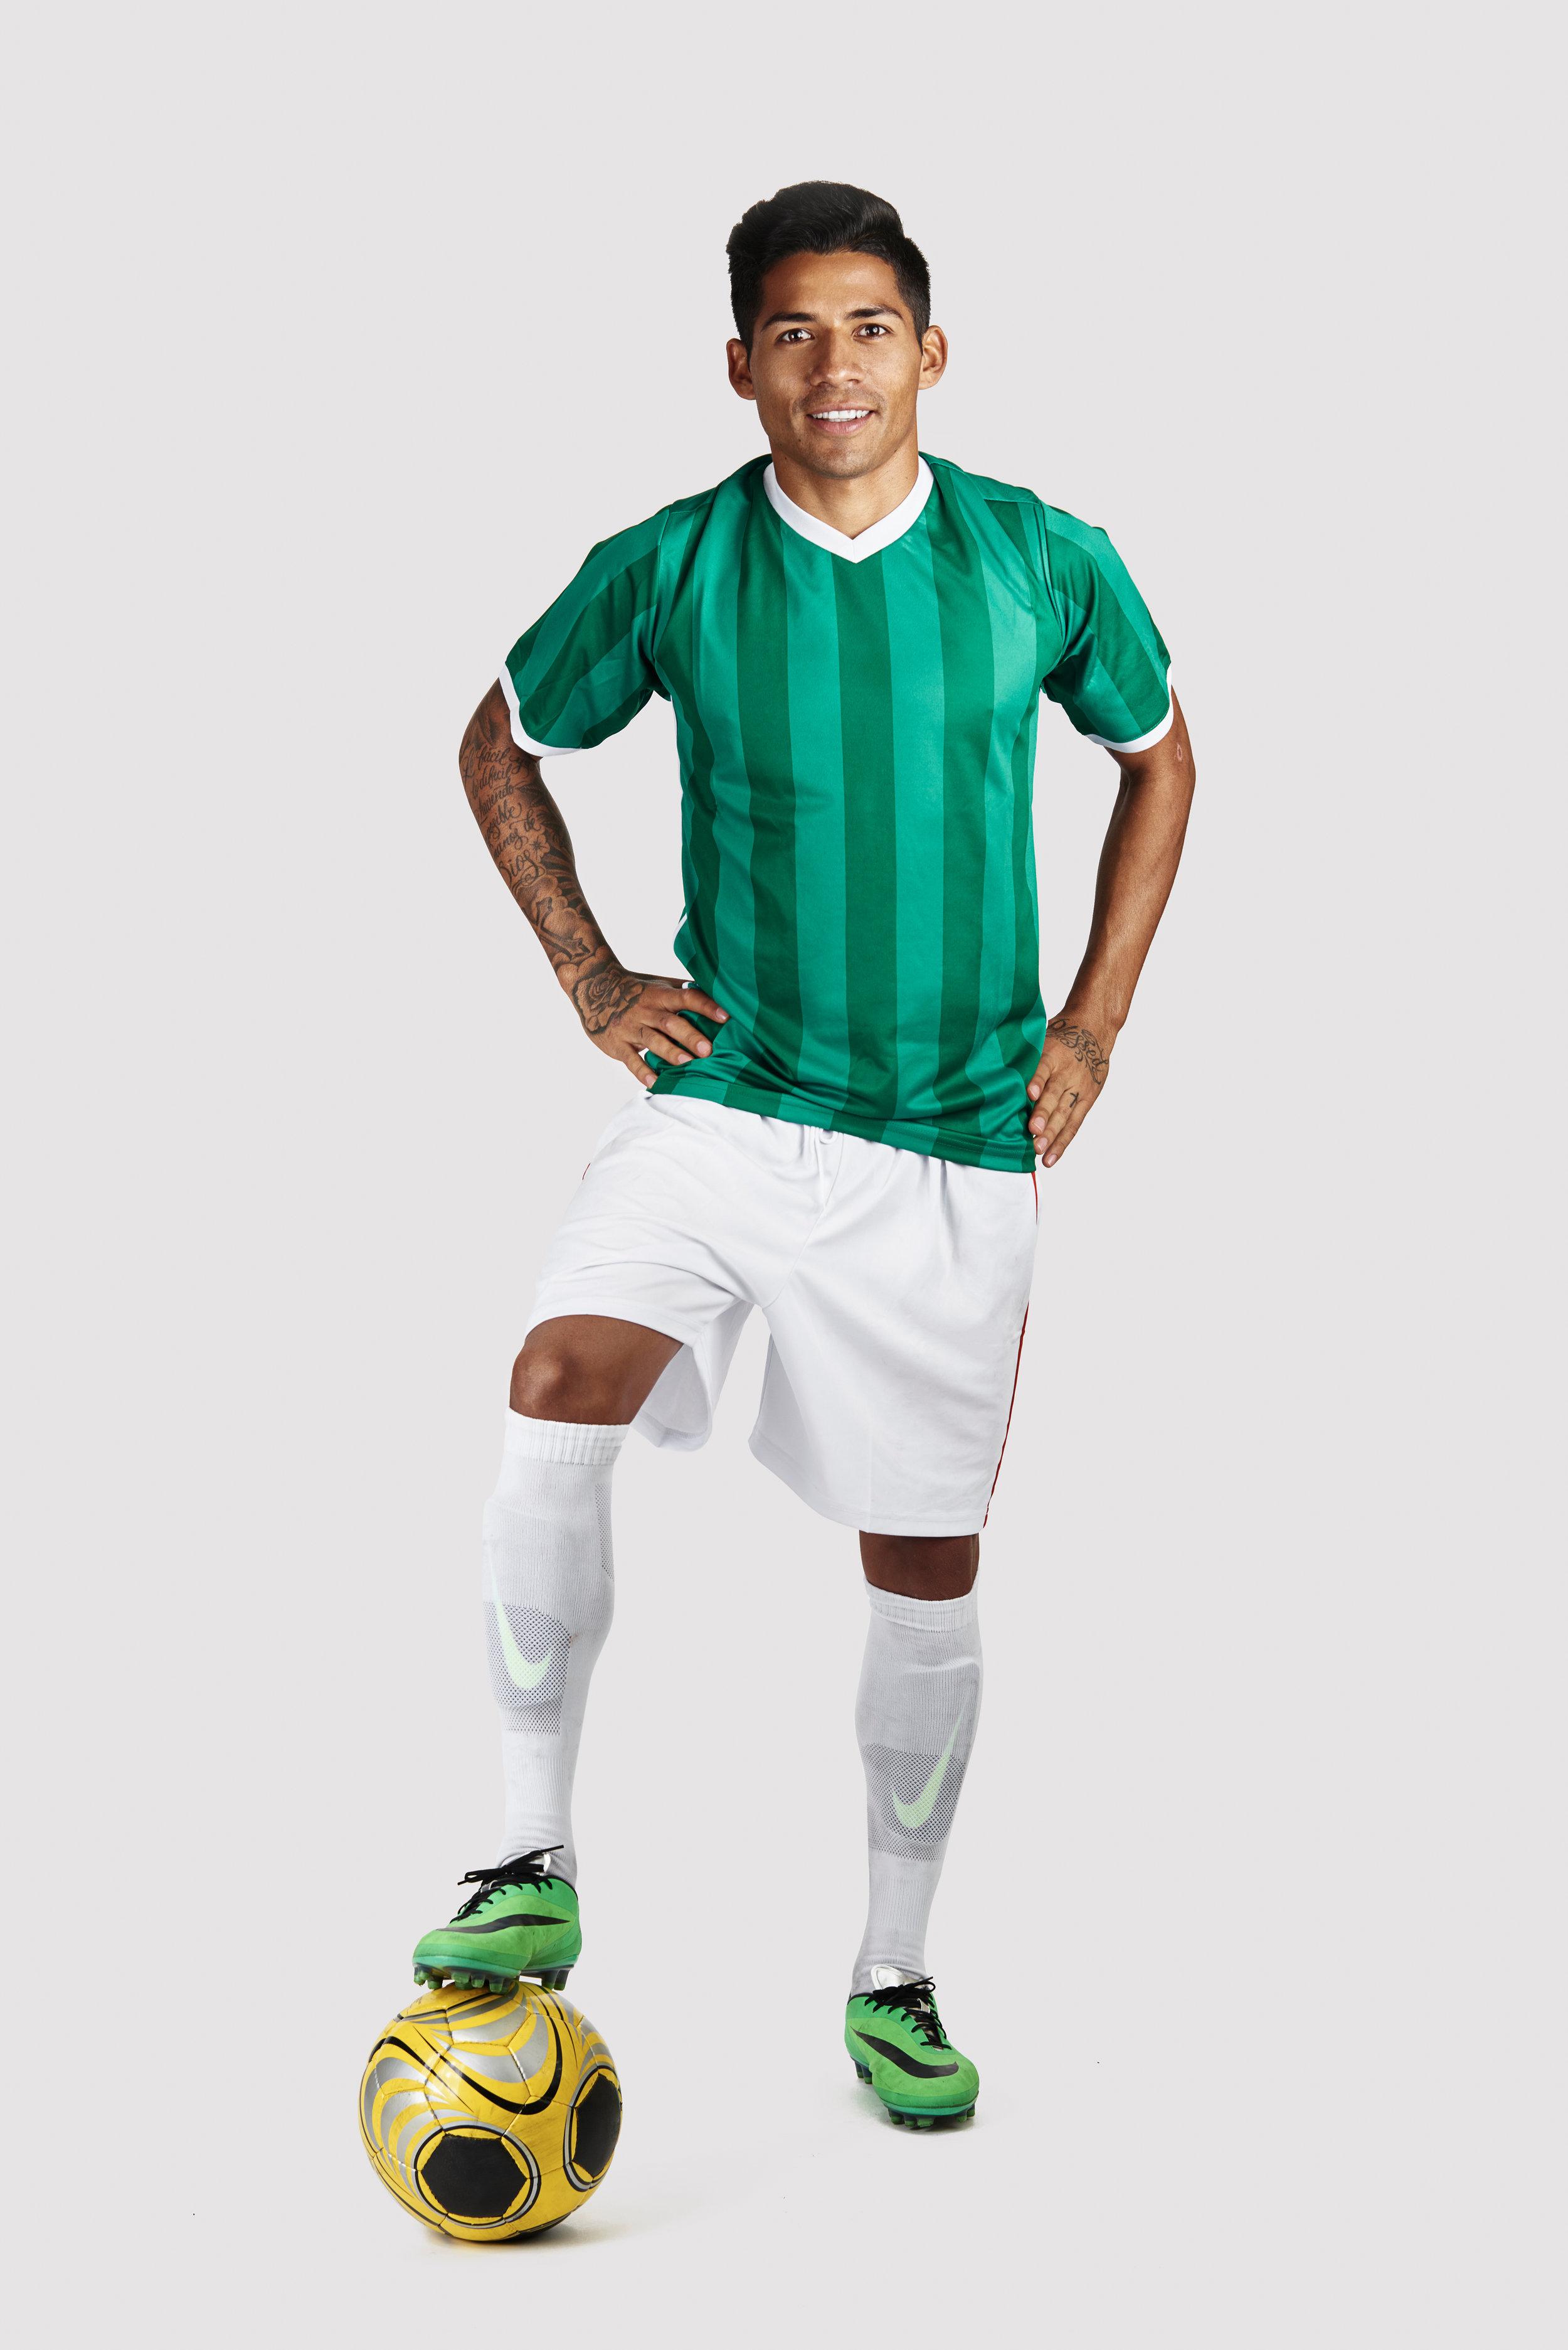 Fullbody_Soccerball.jpg